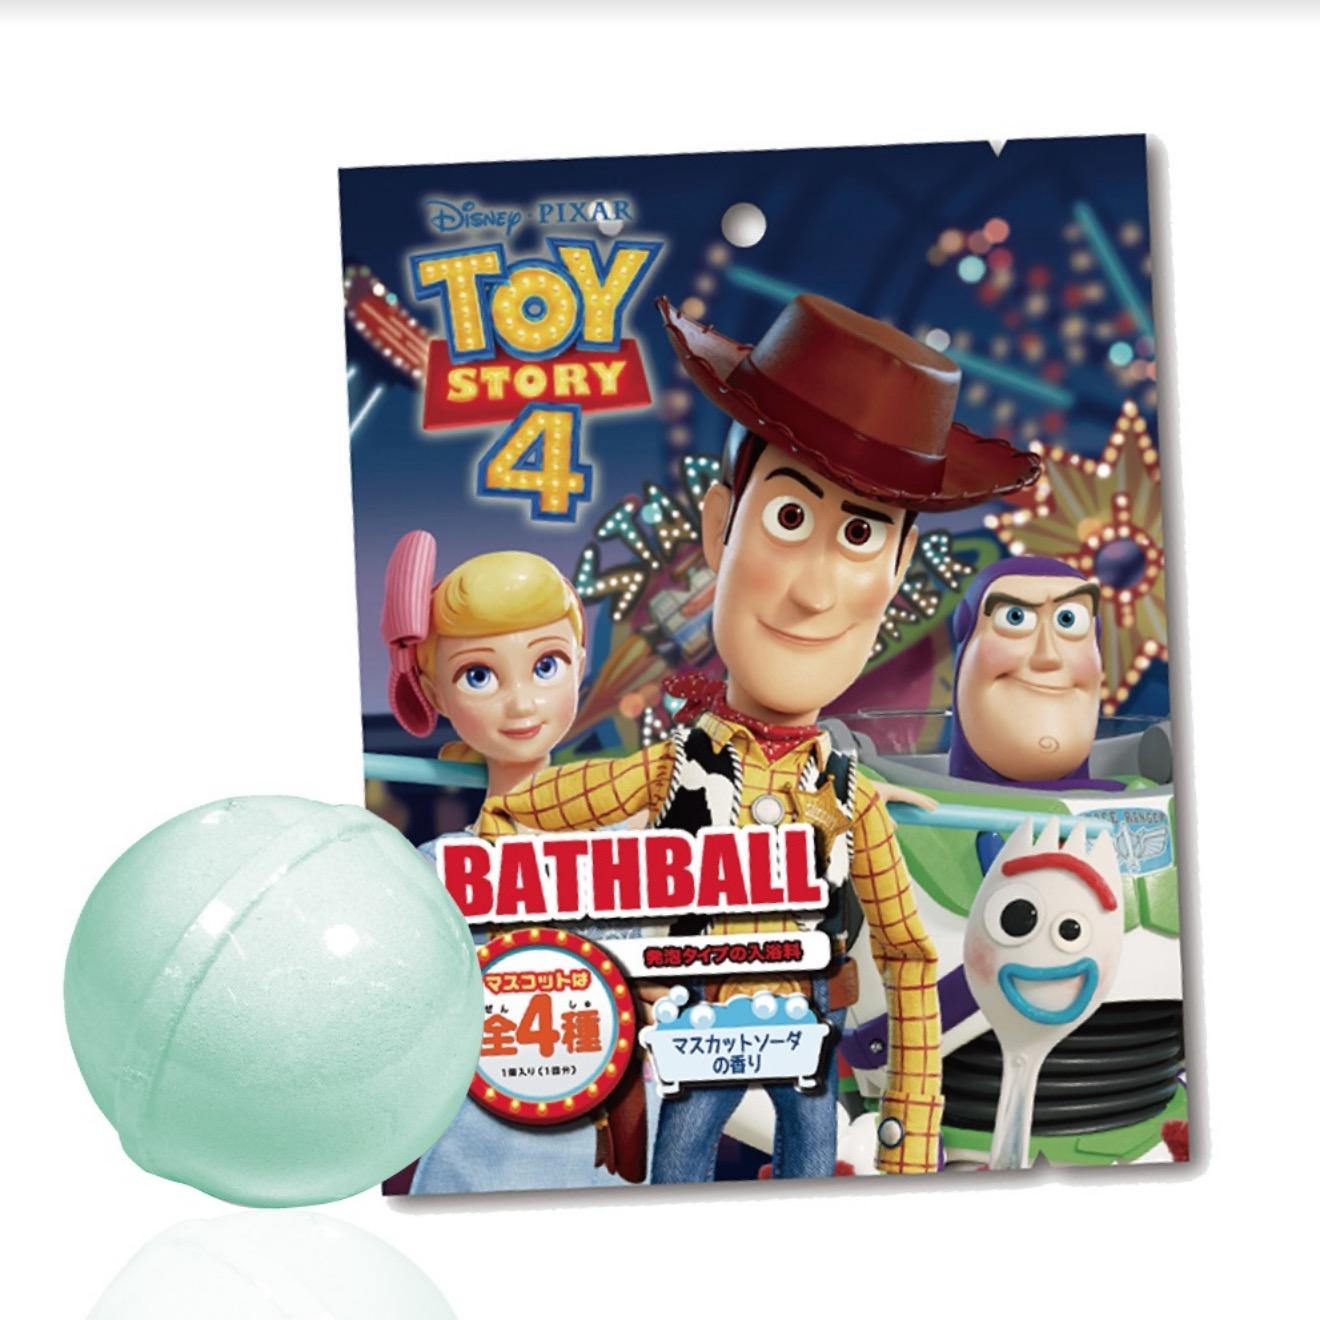 將入浴球放入水中,待浴球完全溶化後,公仔就會浮出水面喔!